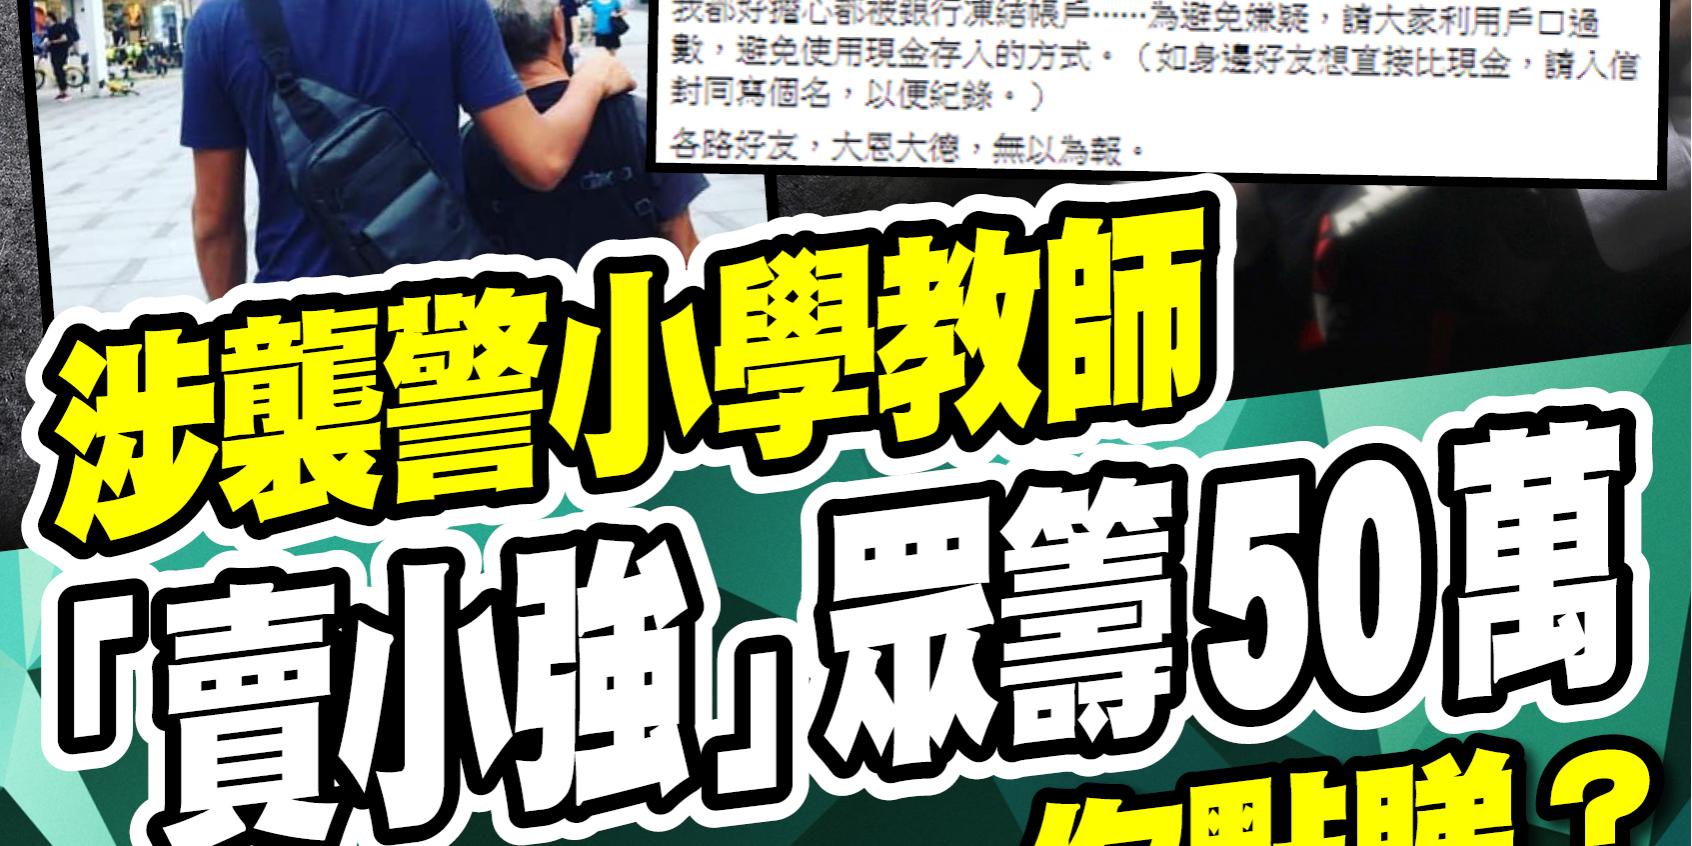 涉襲警小學教師 「賣小強」眾籌50萬 你點睇?